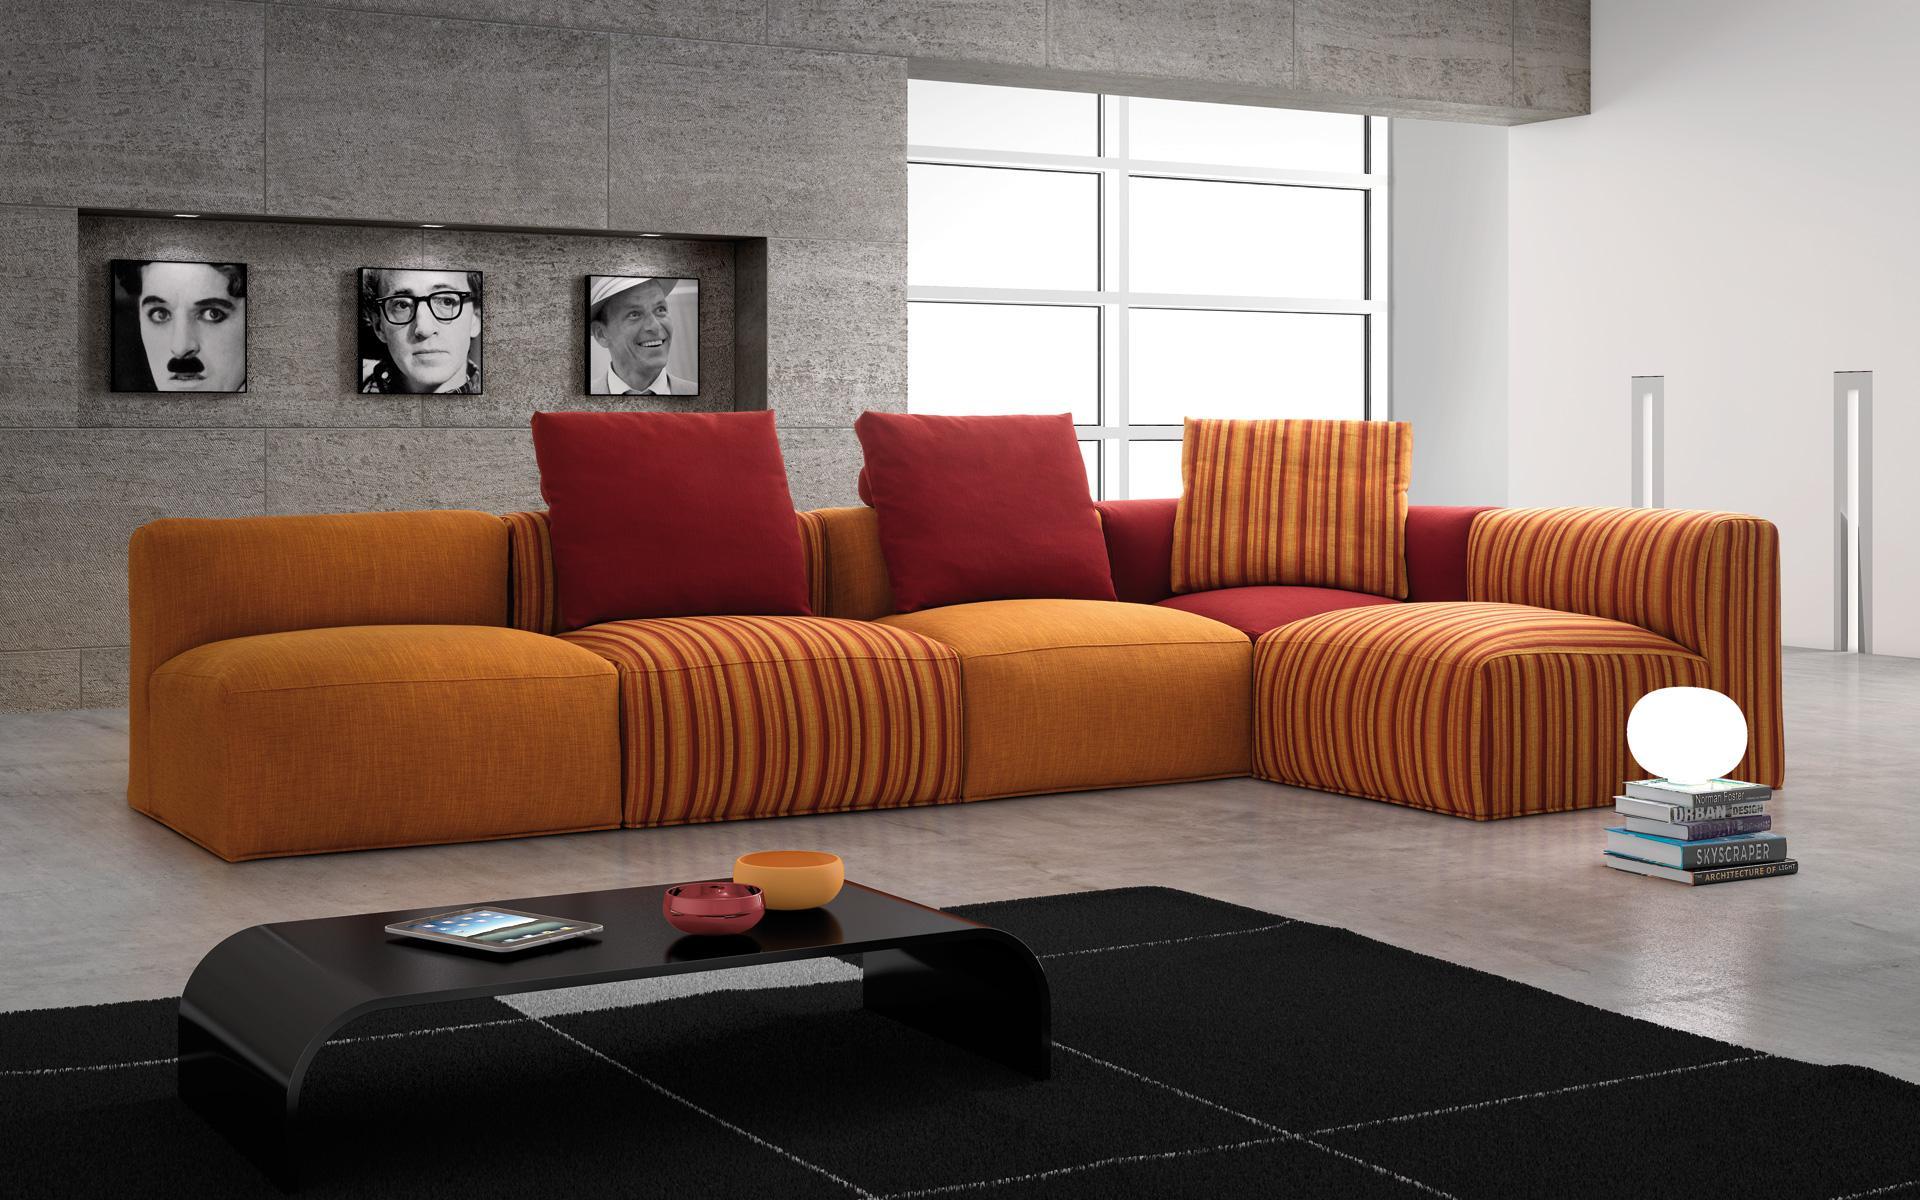 Emejing Divani E Divani Padova Gallery Design Ideas 2018 ...